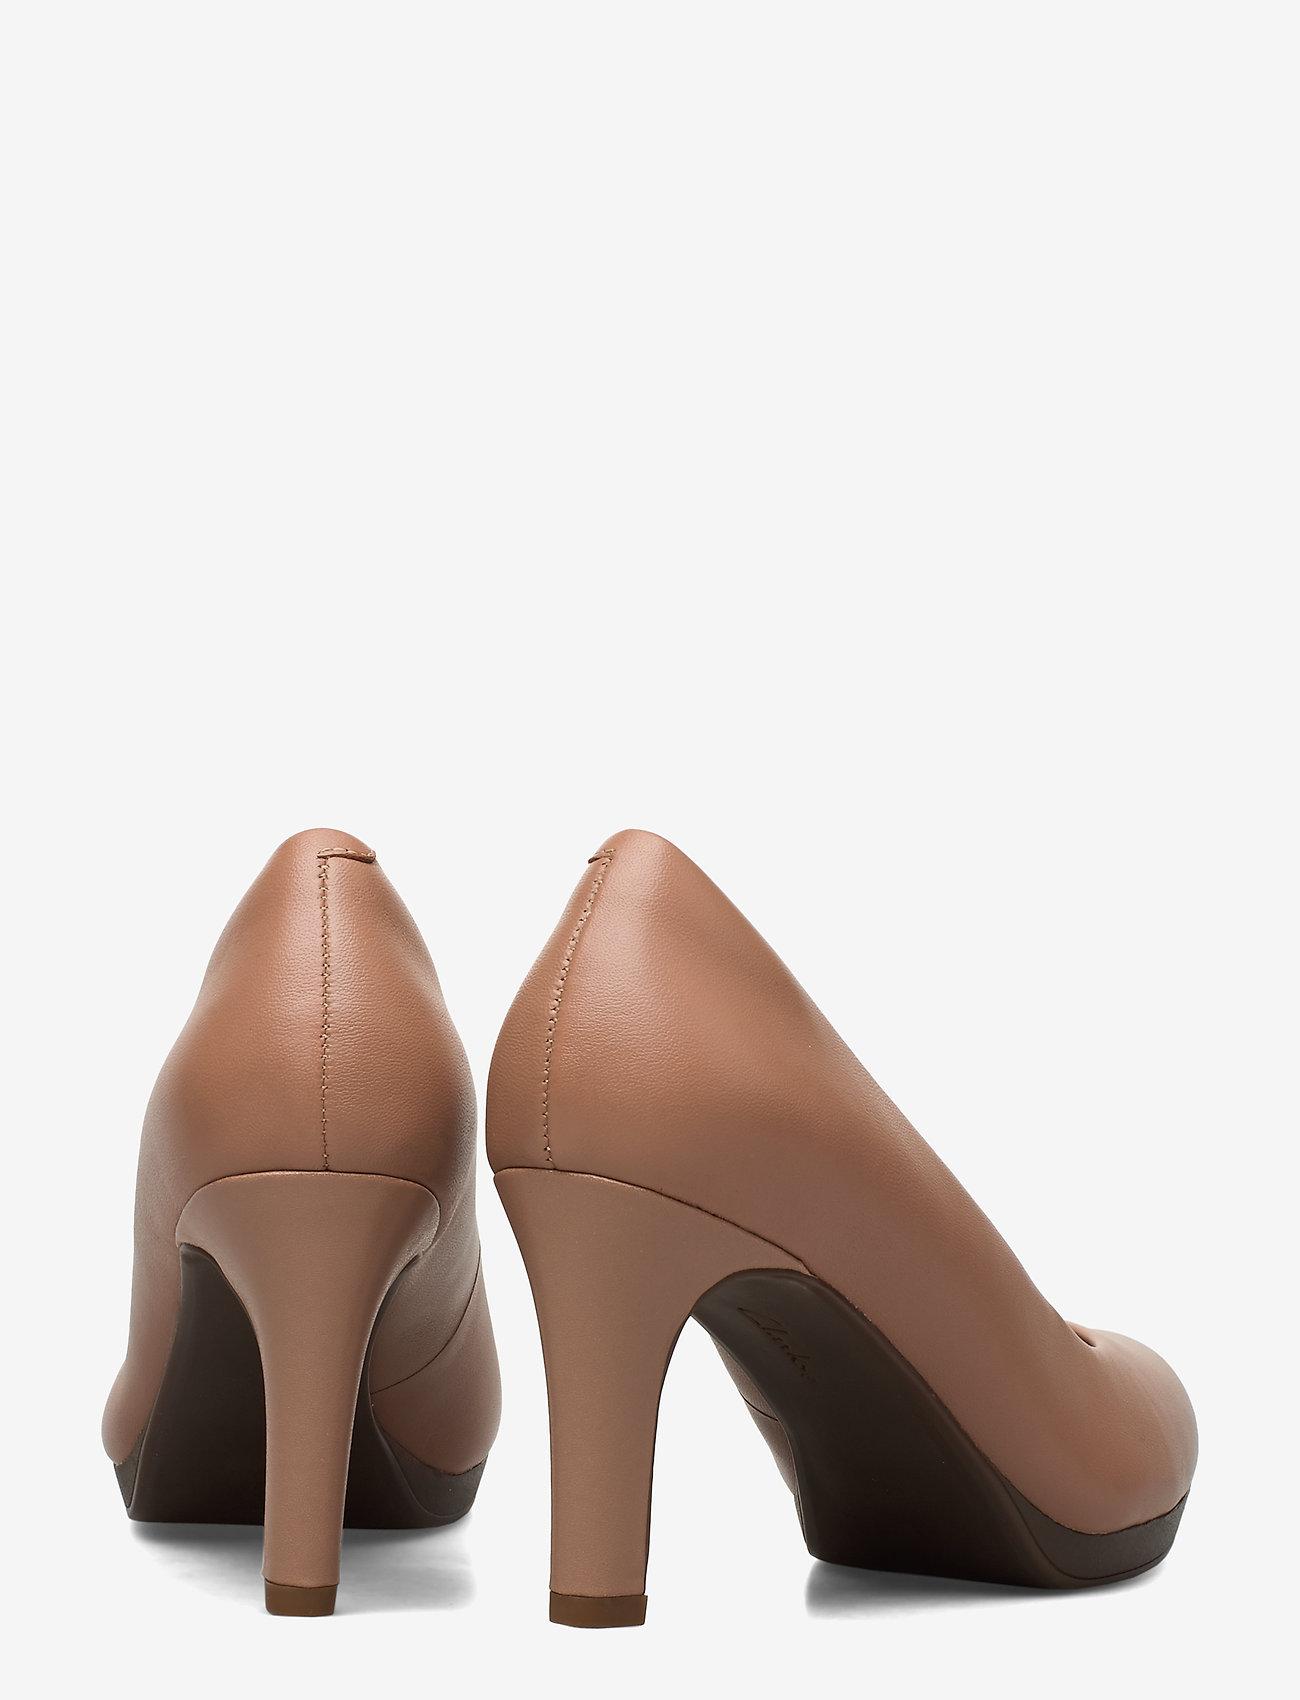 Adriel Viola (Praline Leather) (51.97 €) - Clarks CKNpz